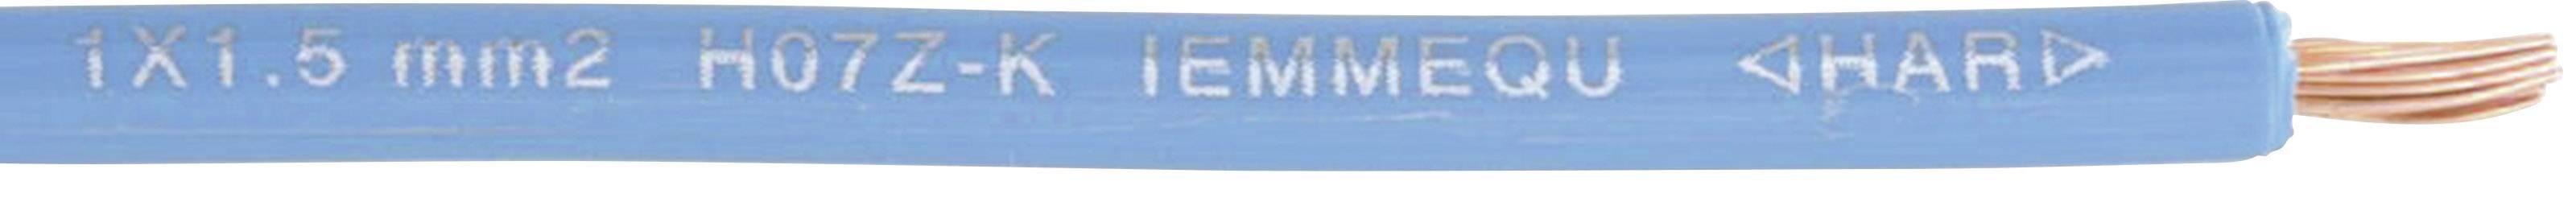 Pletenica H07Z-K 1 x 10 mm, temno modra Faber Kabel 040335 cena za meter